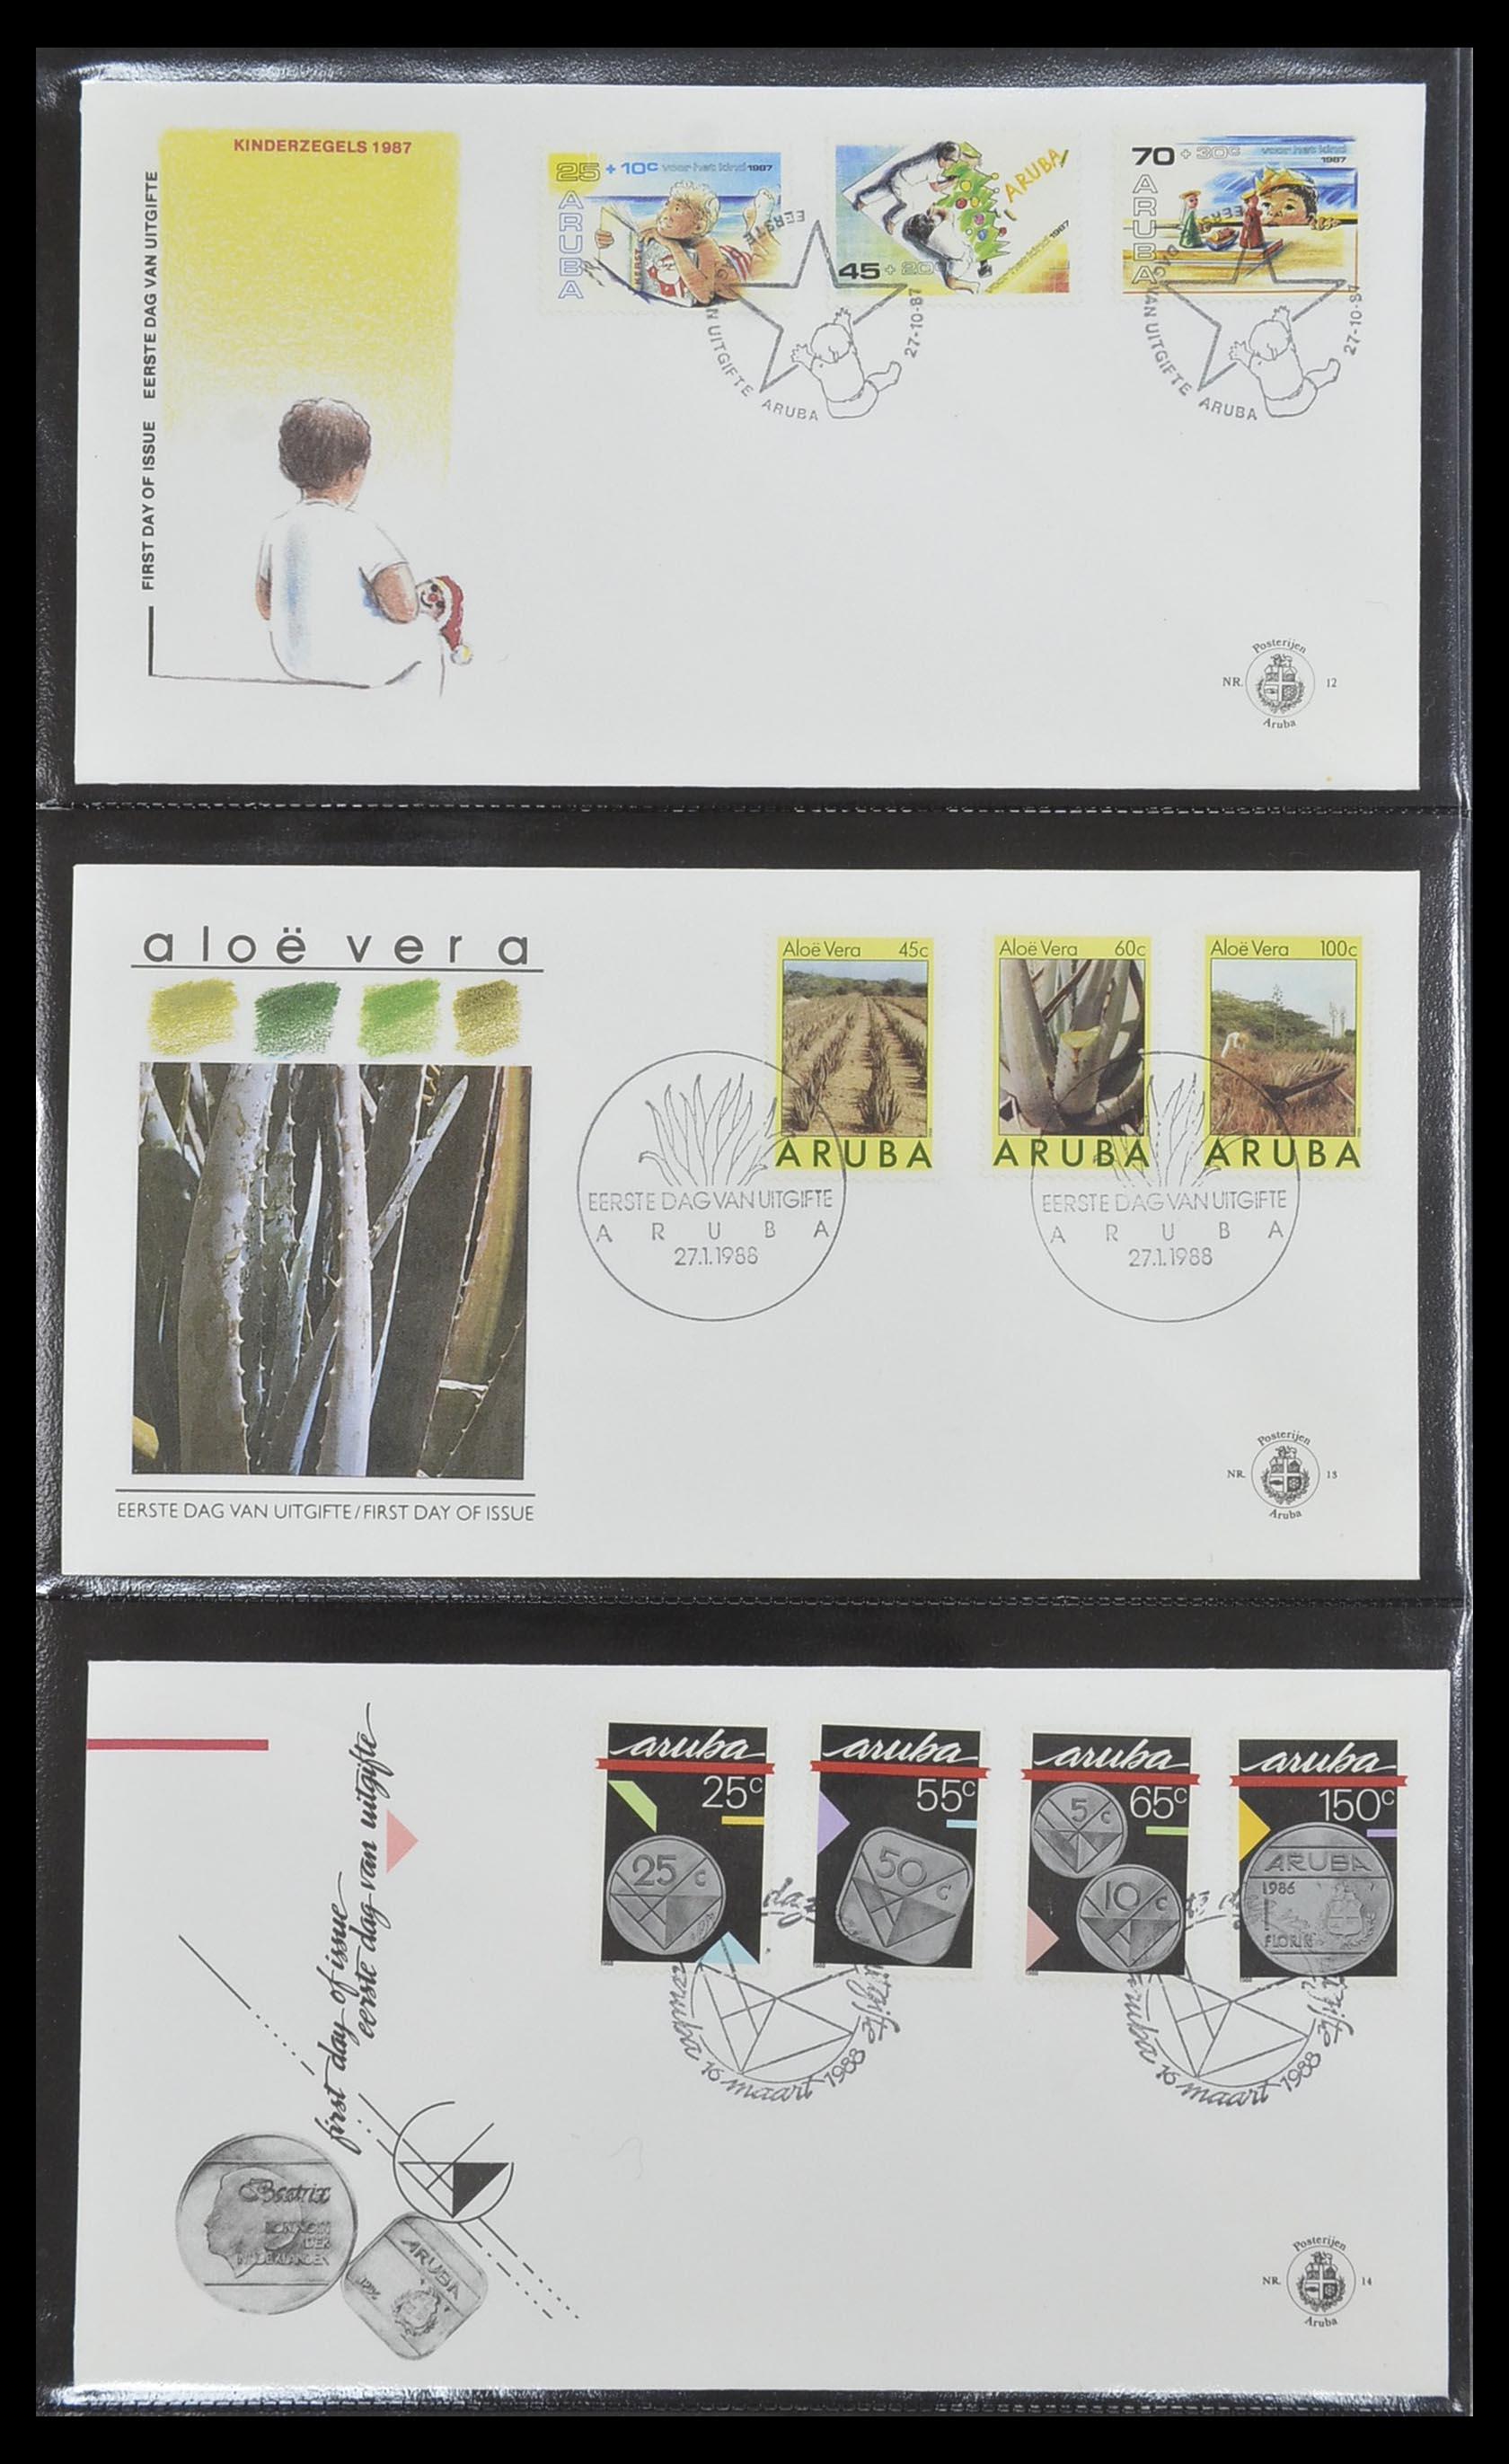 33585 005 - Postzegelverzameling 33585 Aruba FDC's 1986-2006.